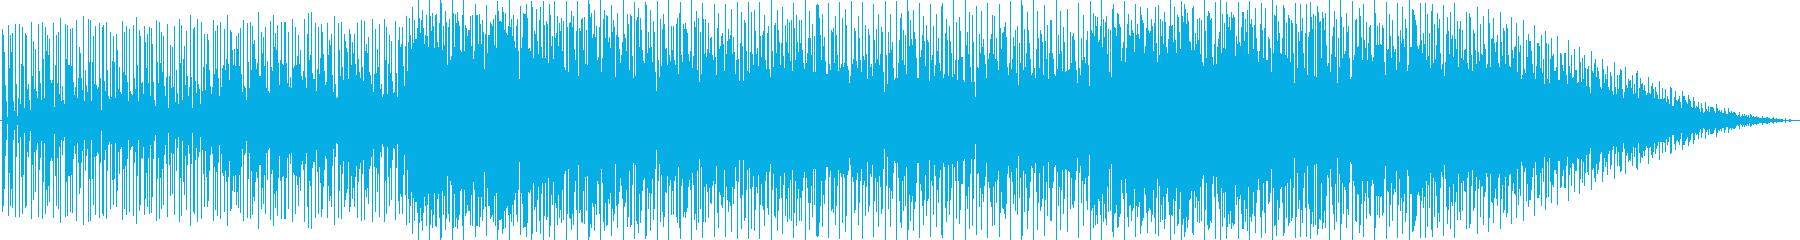 活発、エネルギッシュ、緊急、アラビ...の再生済みの波形